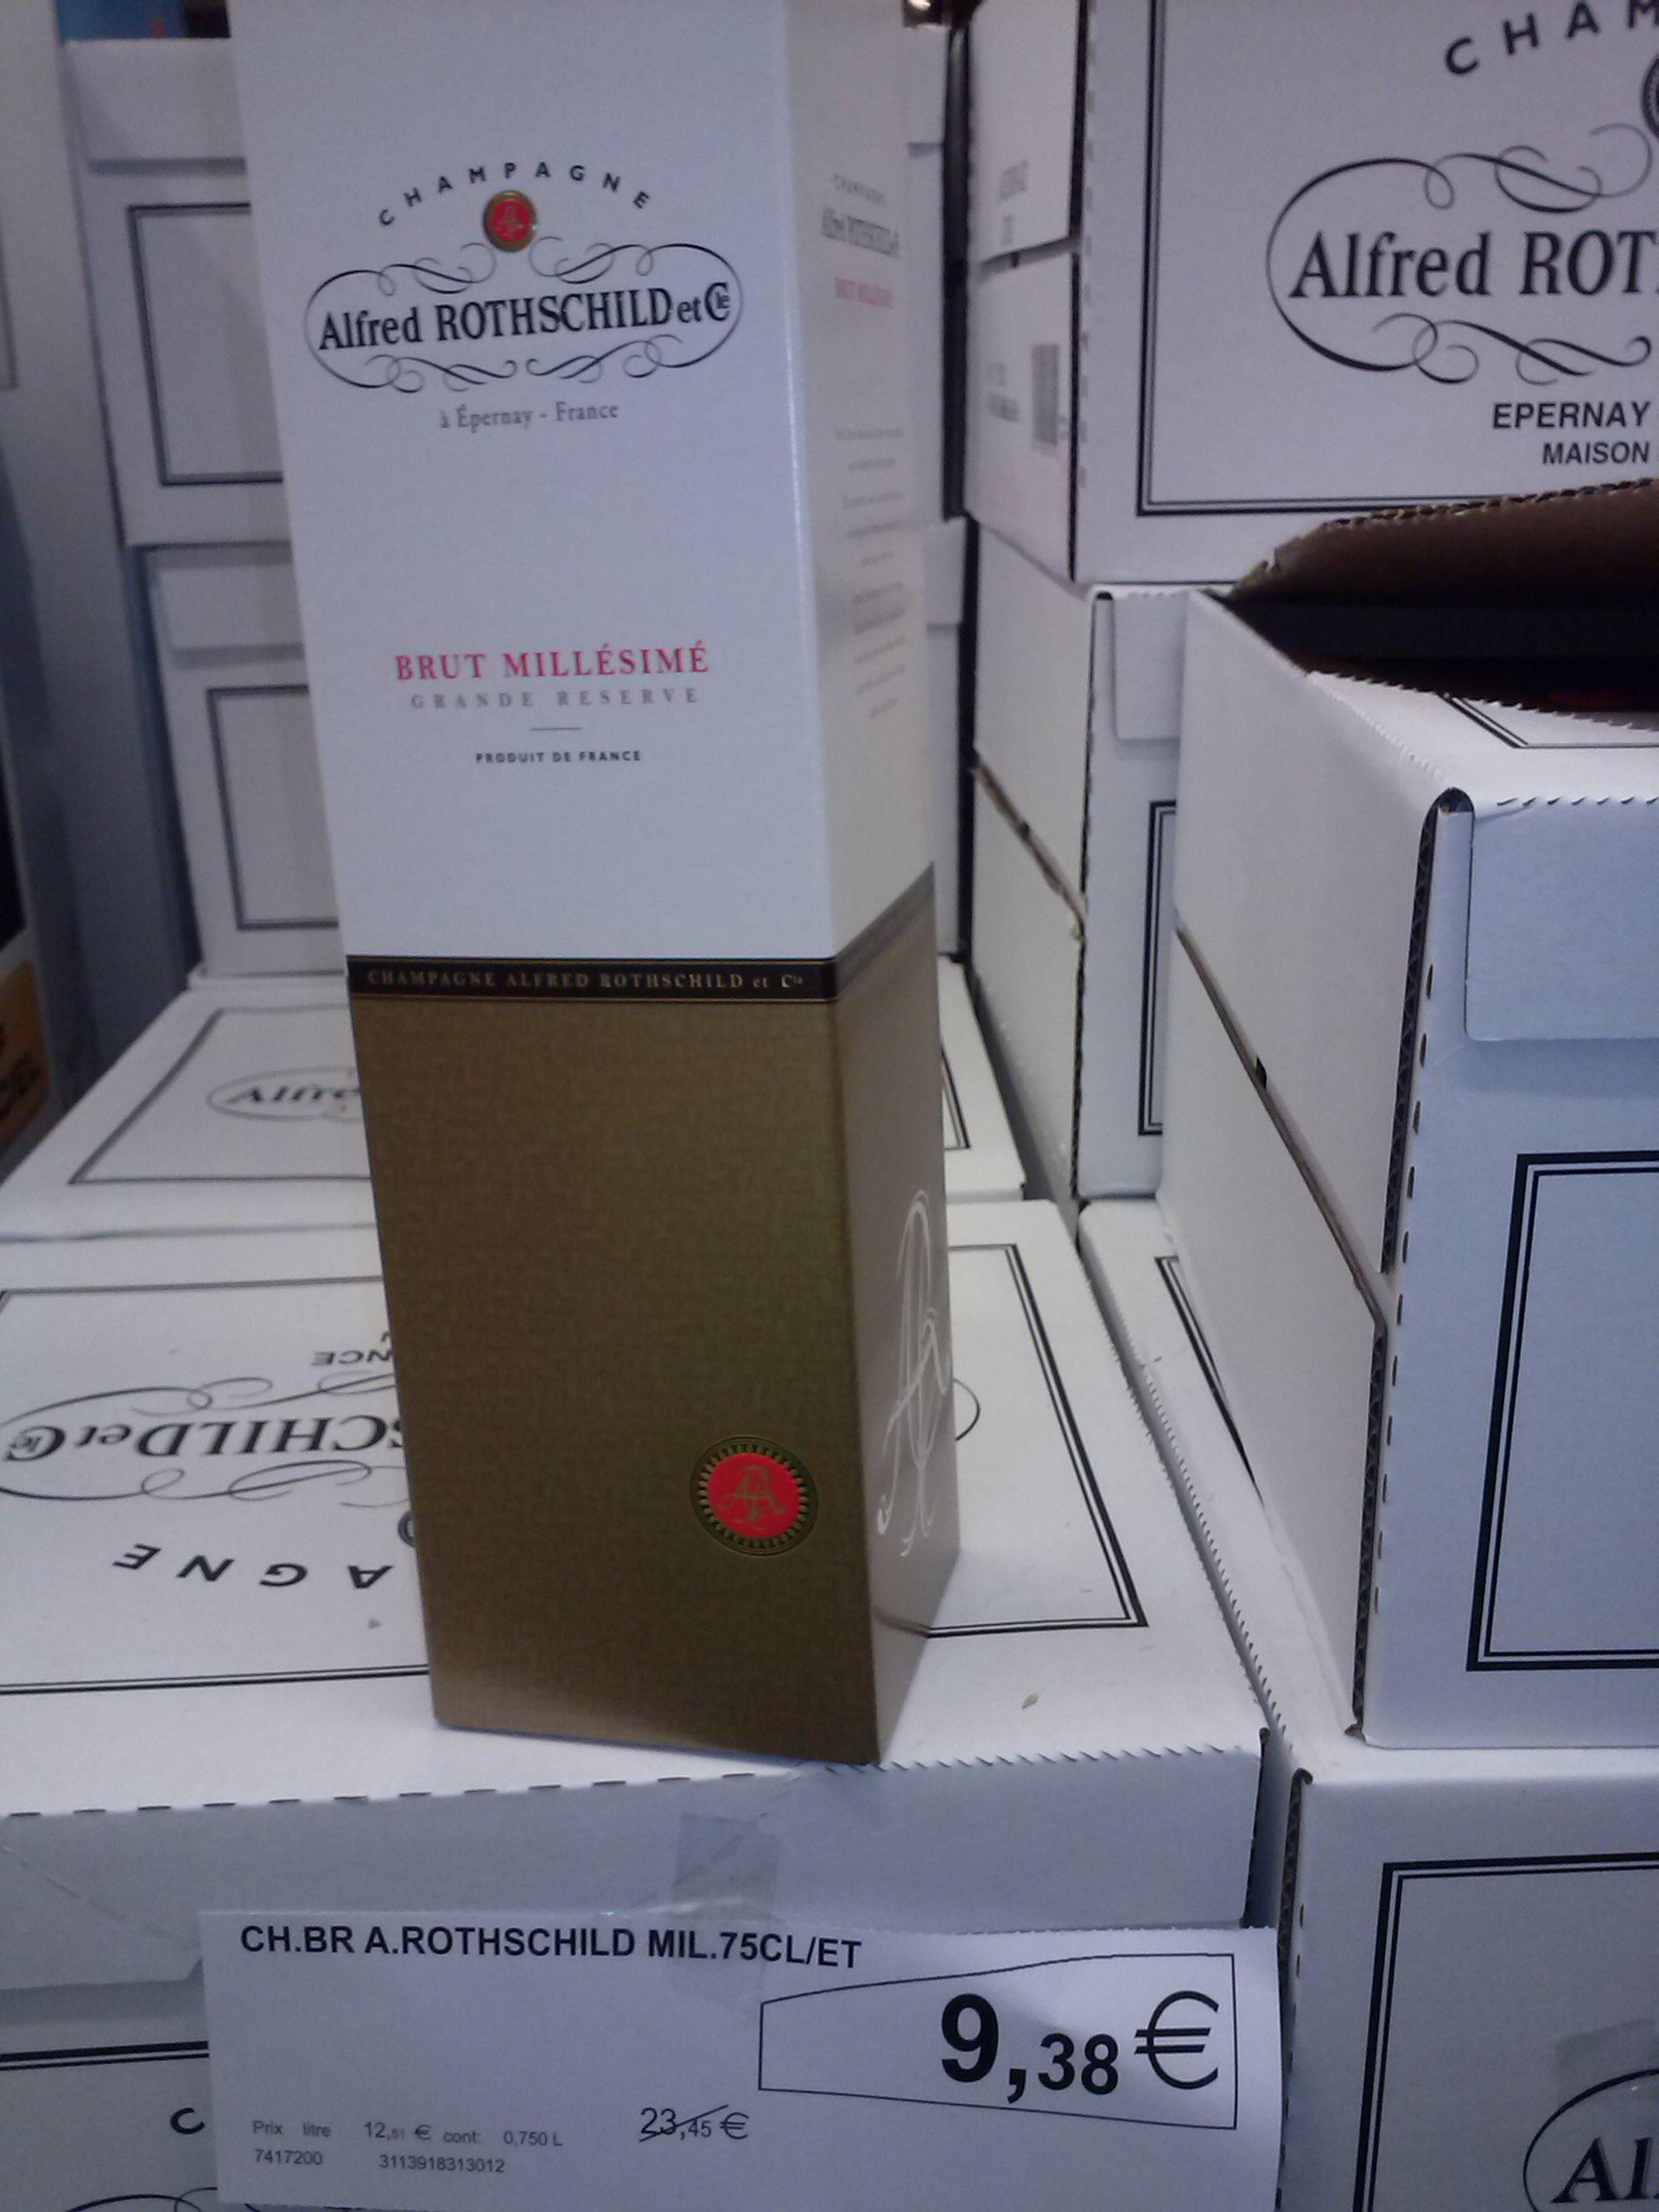 Bouteille de Champagne Alfred Rothschild millésimé 2010